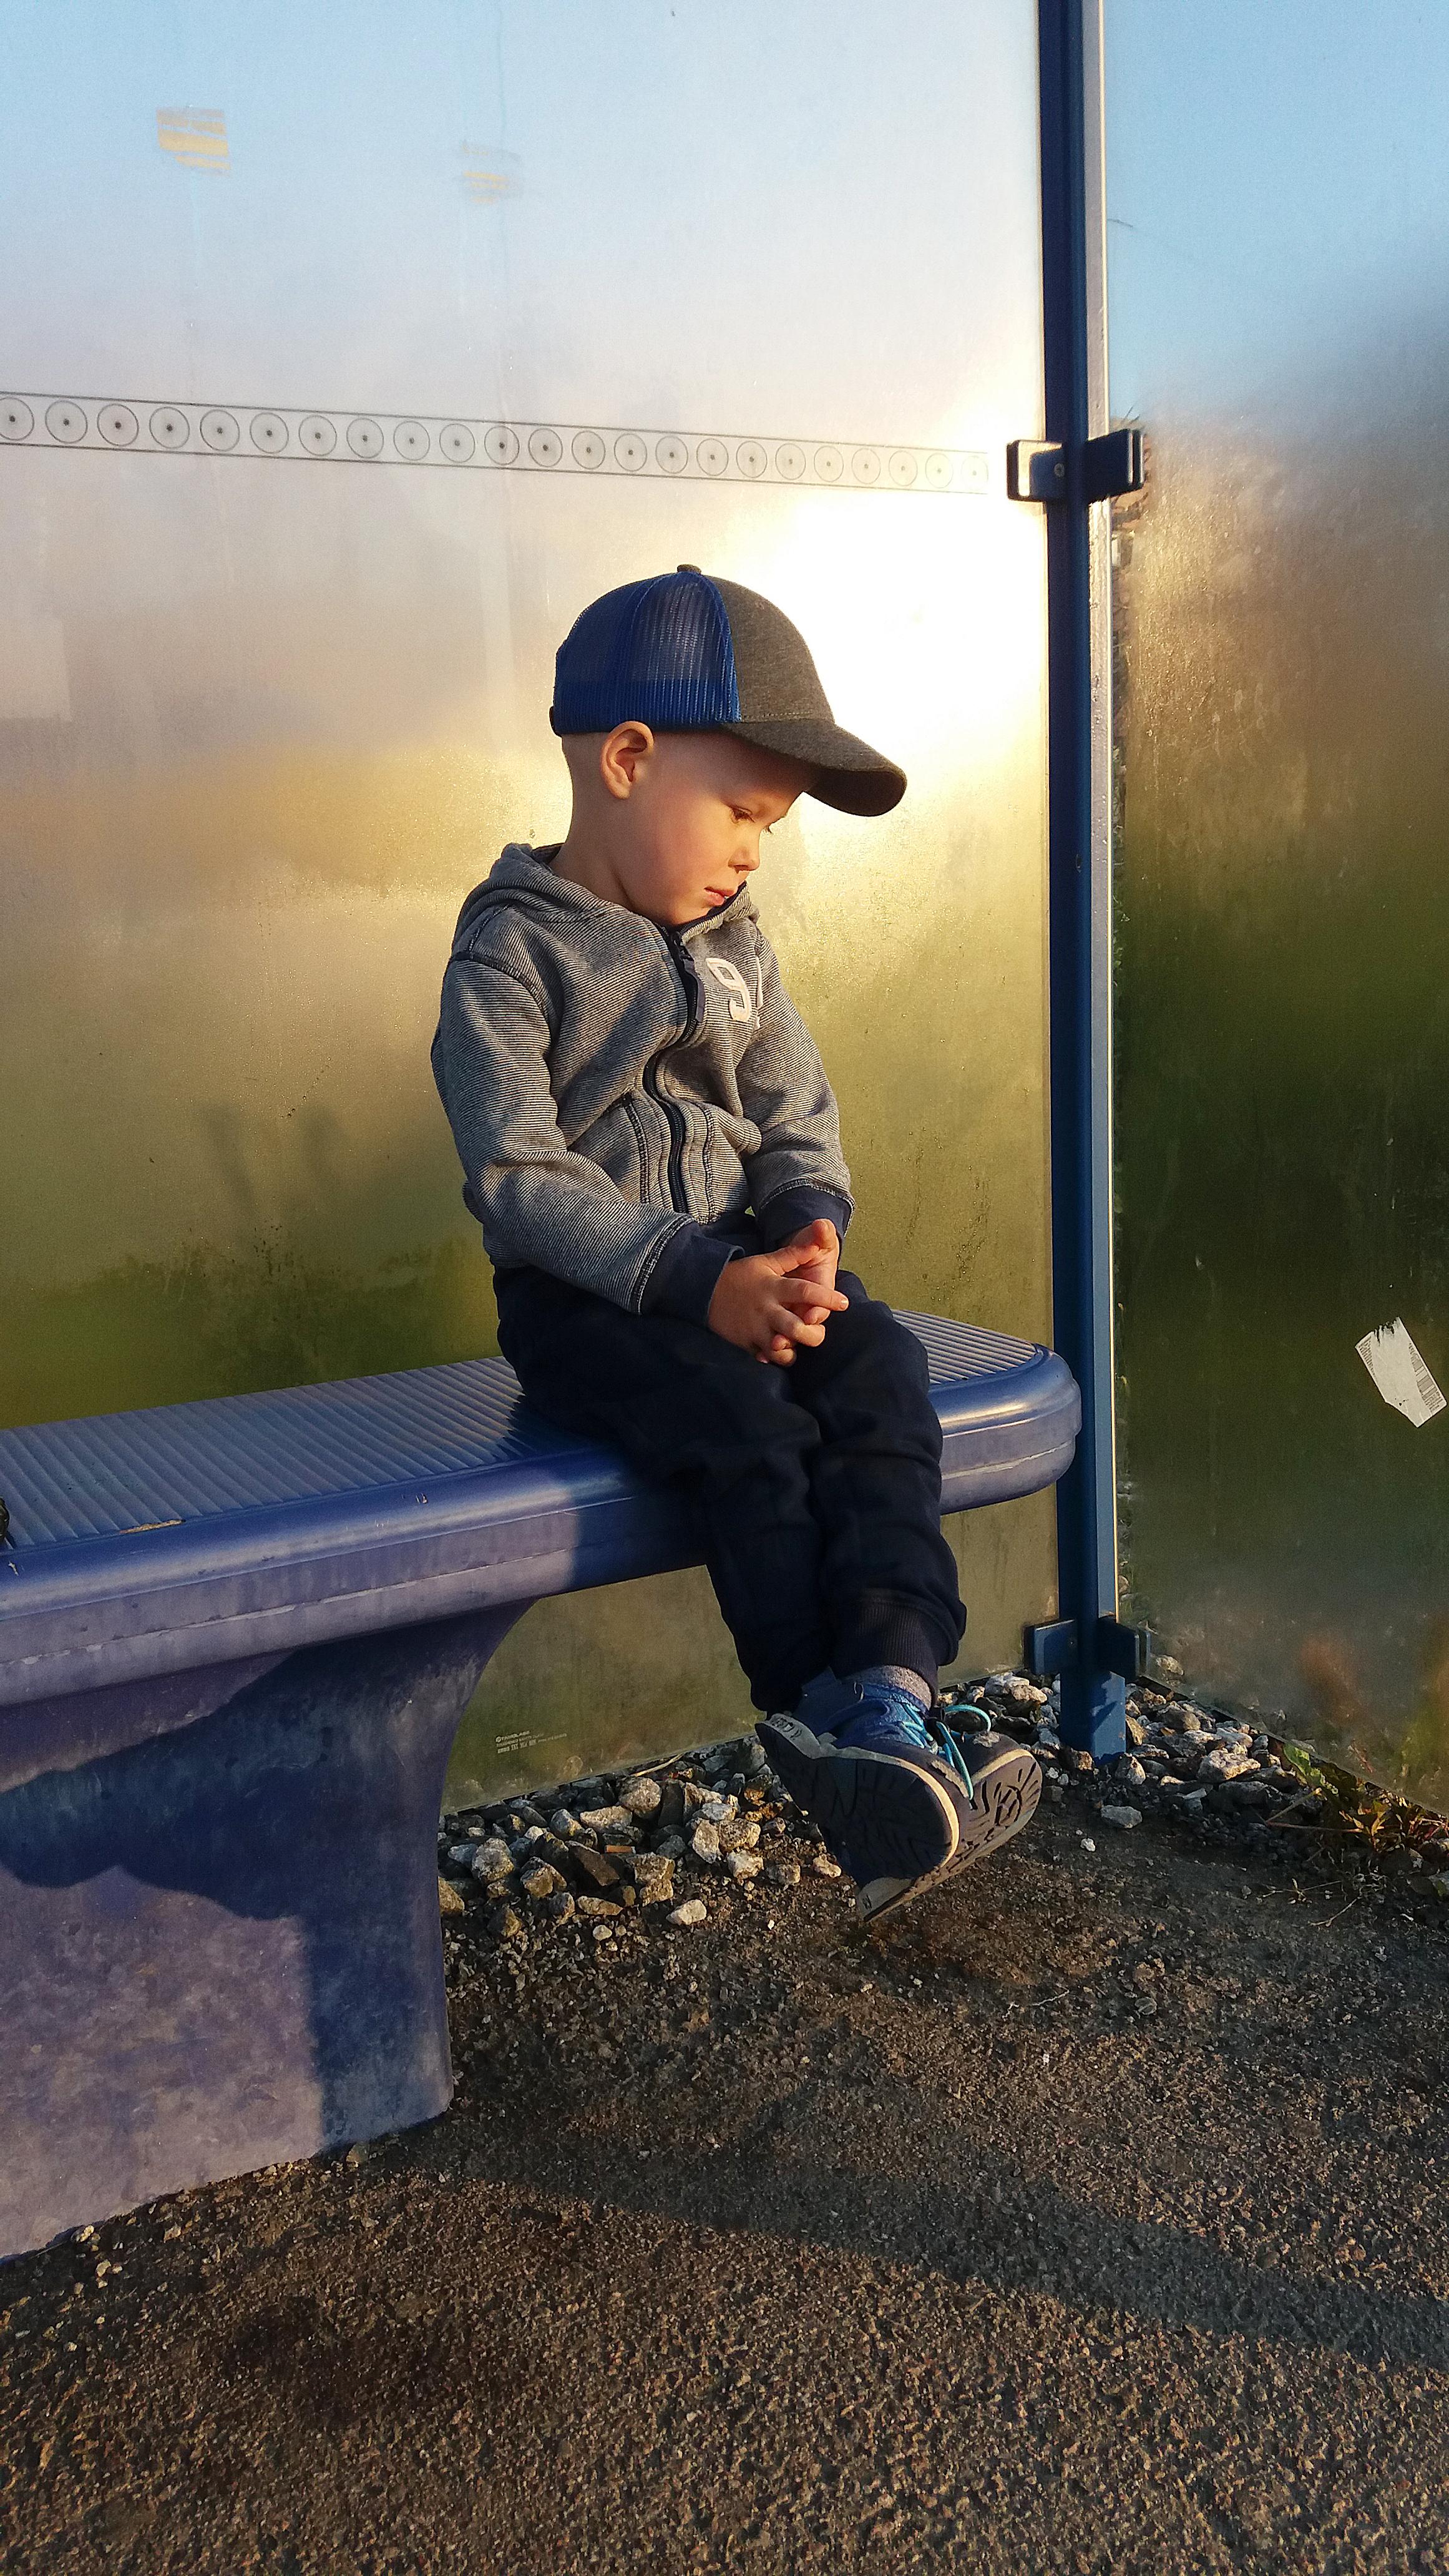 Ensimmäinen junamatka, jännitystä ilmassa. Tyttärenpoika Veeti odottelemassa junaa saapuvaksi aamun aikaisina tunteina. Kuva: Piia Heikkinen